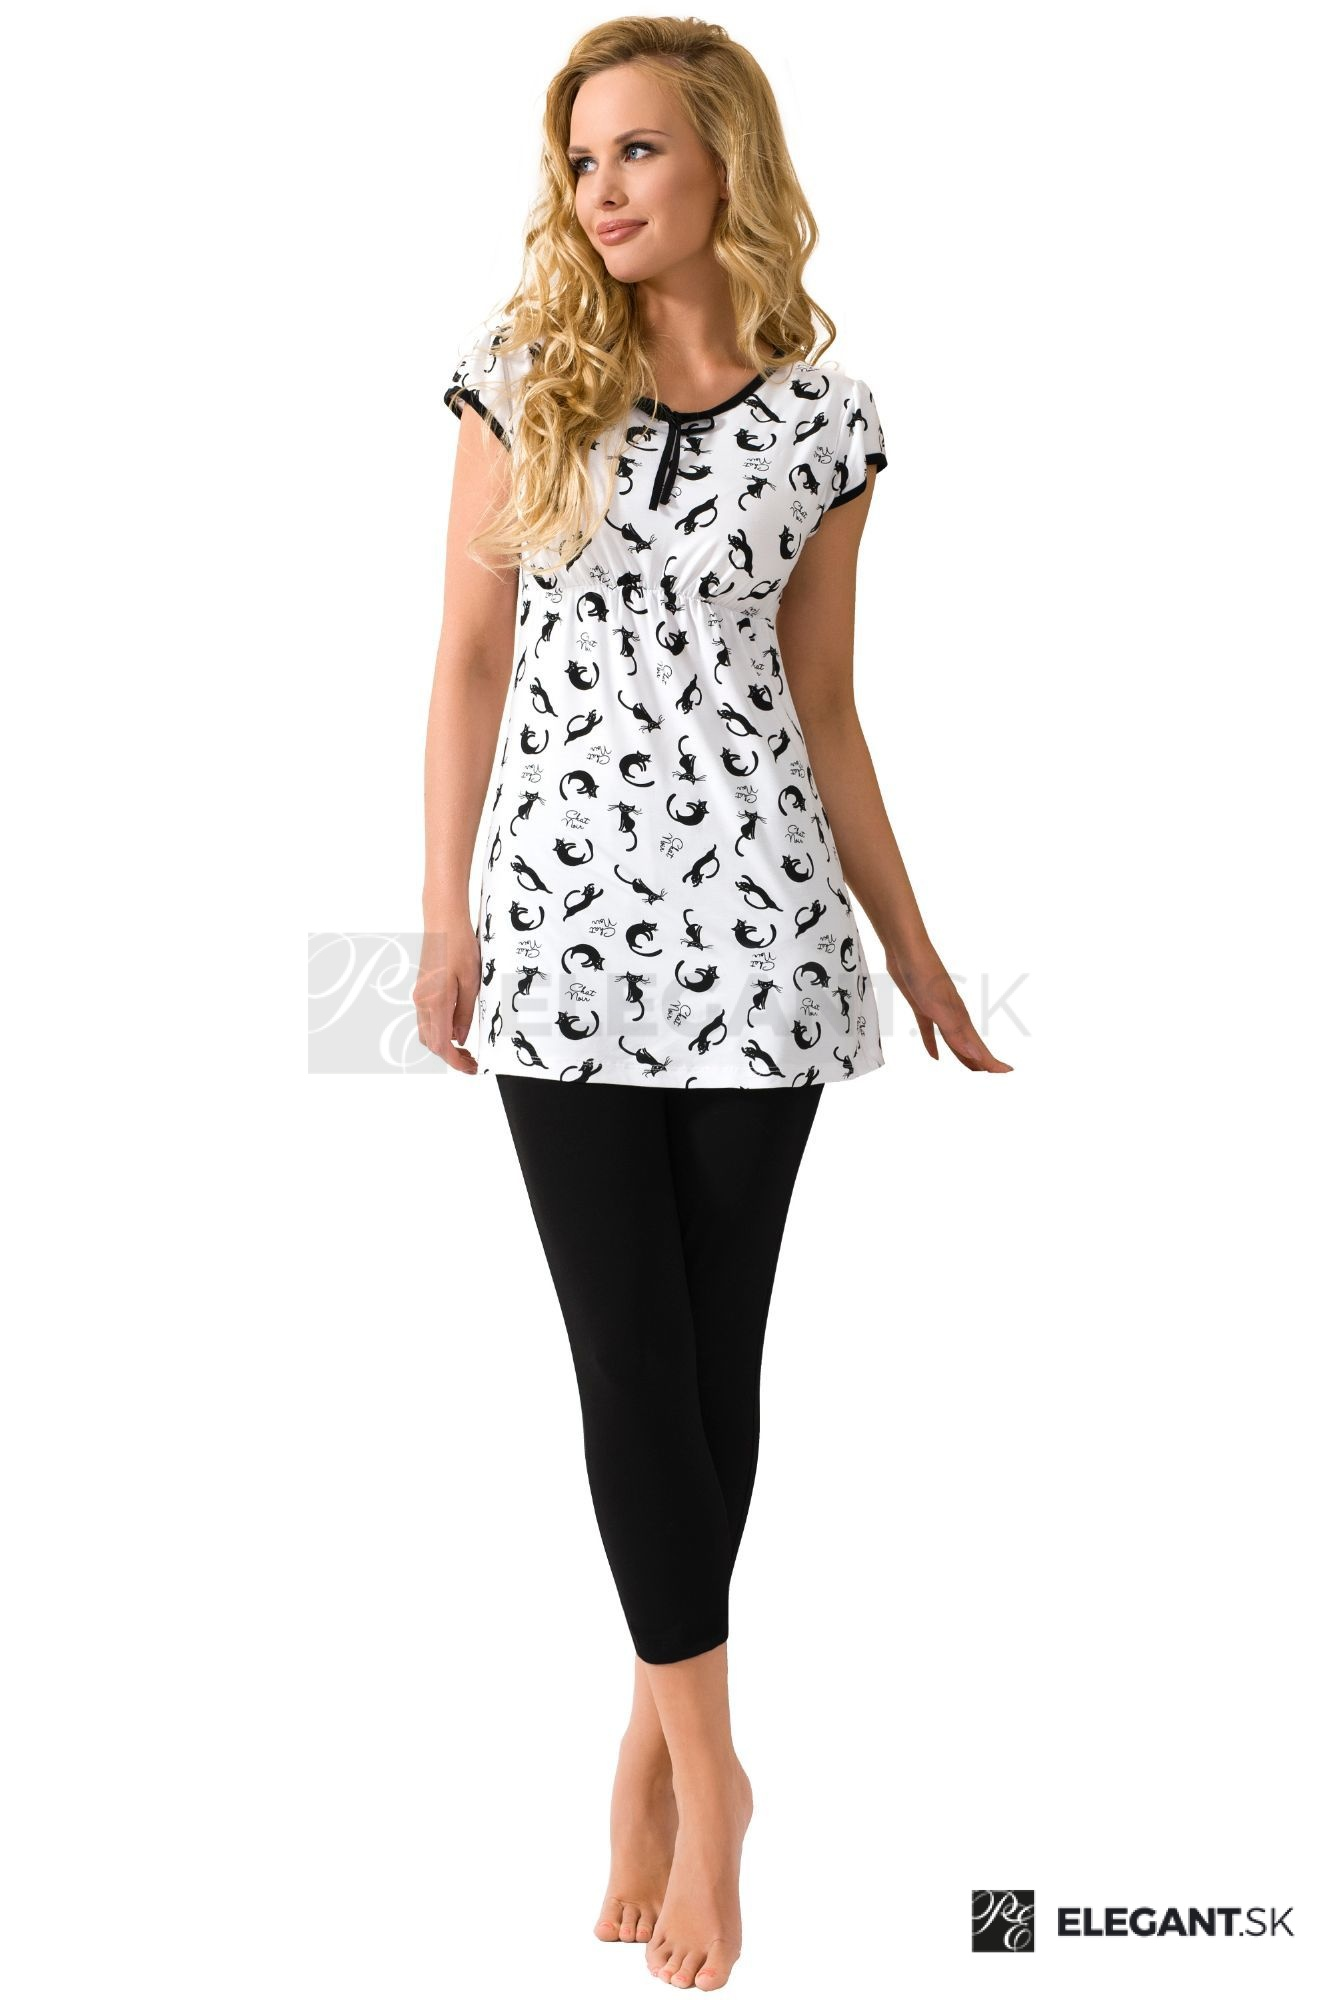 37420f58107f Luxusné bavlnené dámske pyžamo Lotta antibakteriálne s mačičkami ...